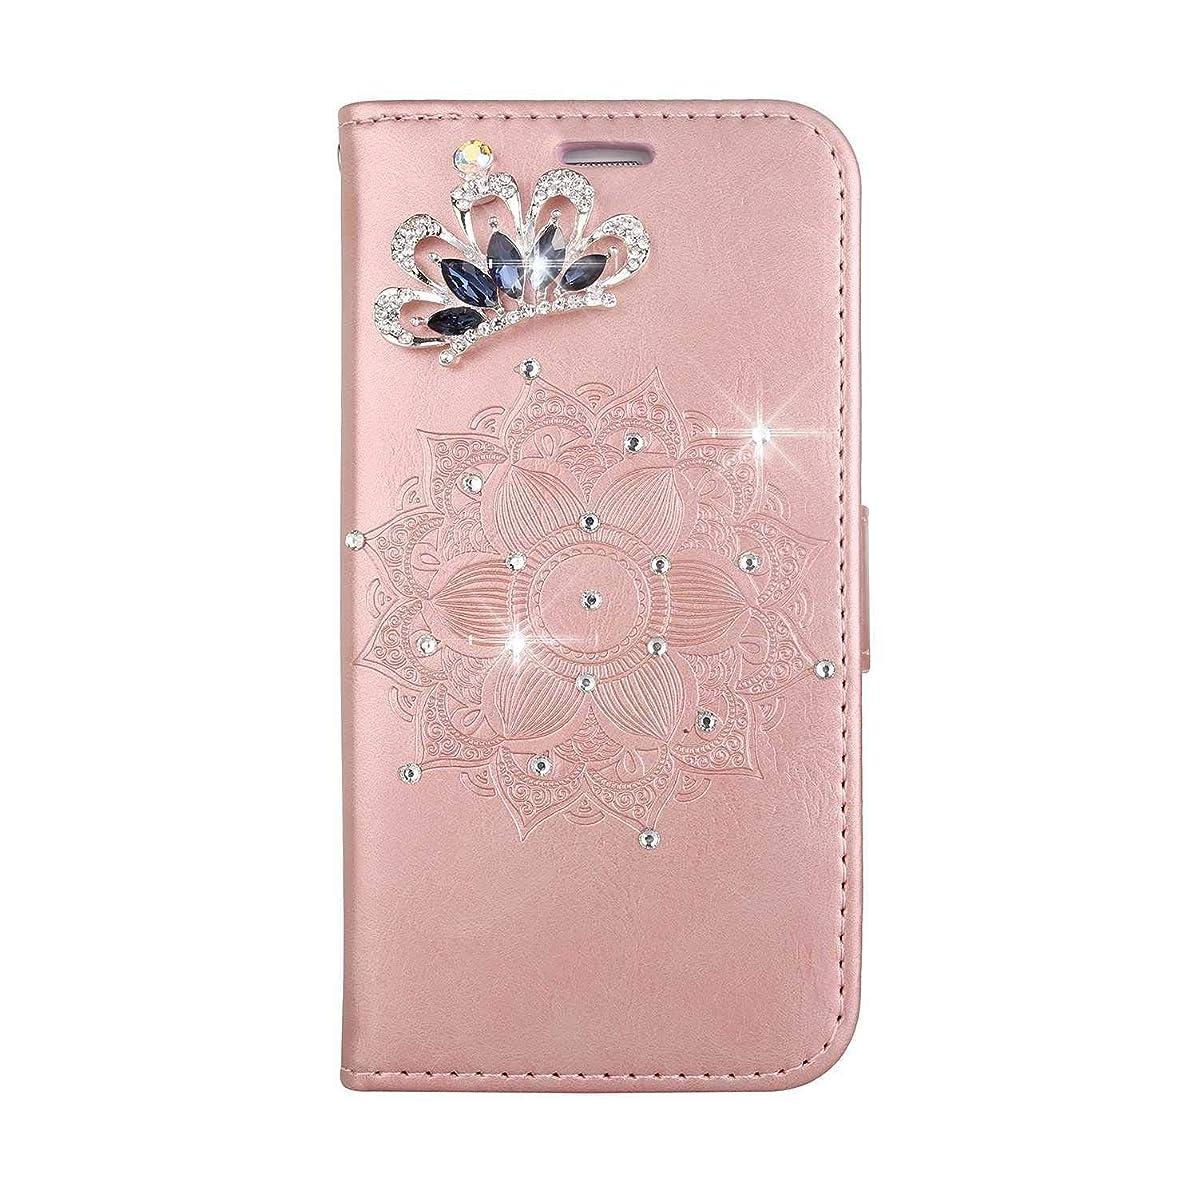 掻く四分円記念日OMATENTI iPhone SE/iPhone 5 / iPhone 5s ケース, ファッション人気ダイヤモンドの輝きエンボスパターン PUレザー 落下防止 財布型カバー 付きカードホルダー iPhone SE/iPhone 5 / iPhone 5s 用,ピンク